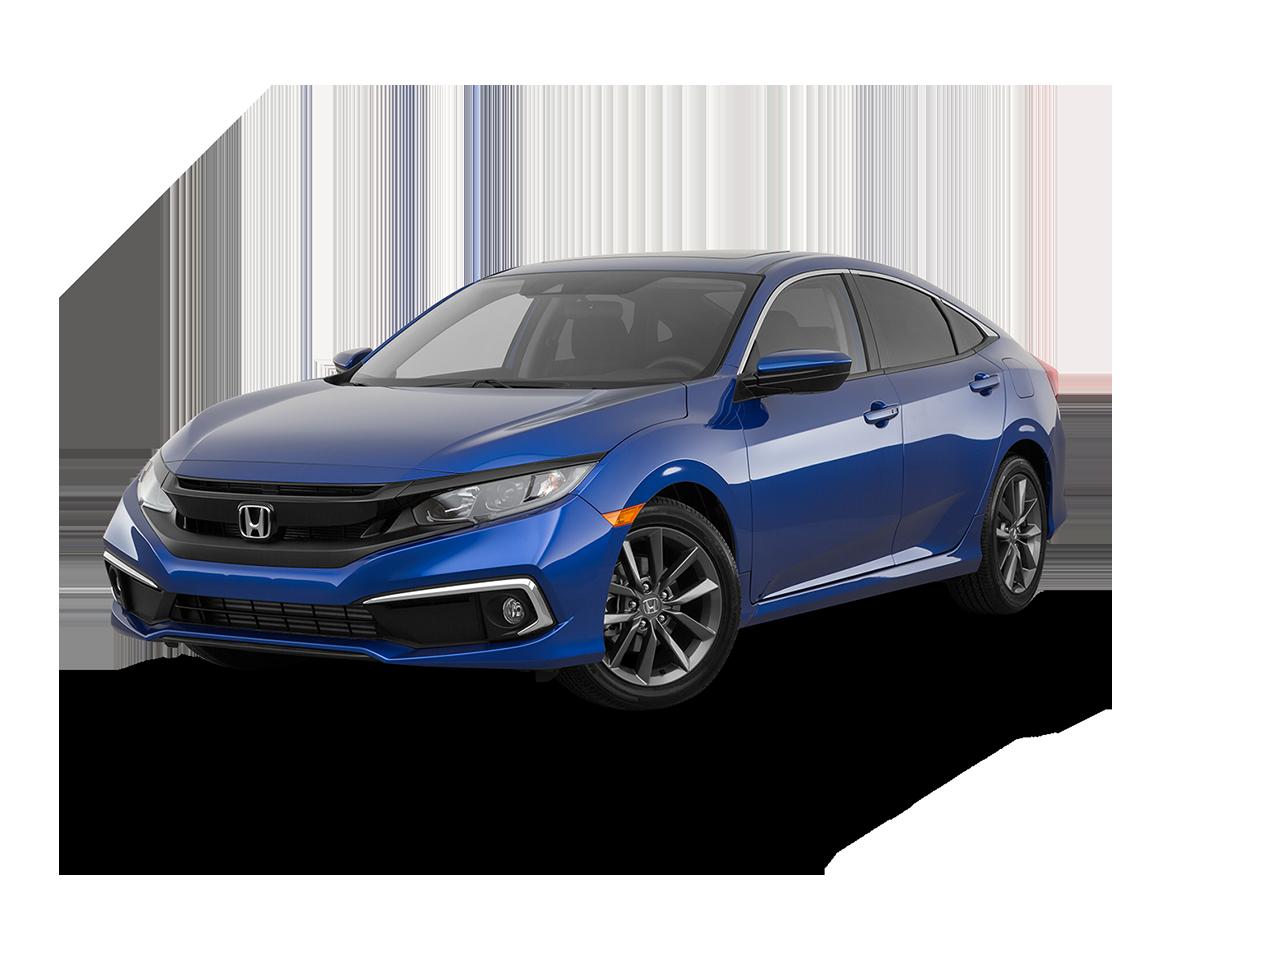 2019 Civic EX